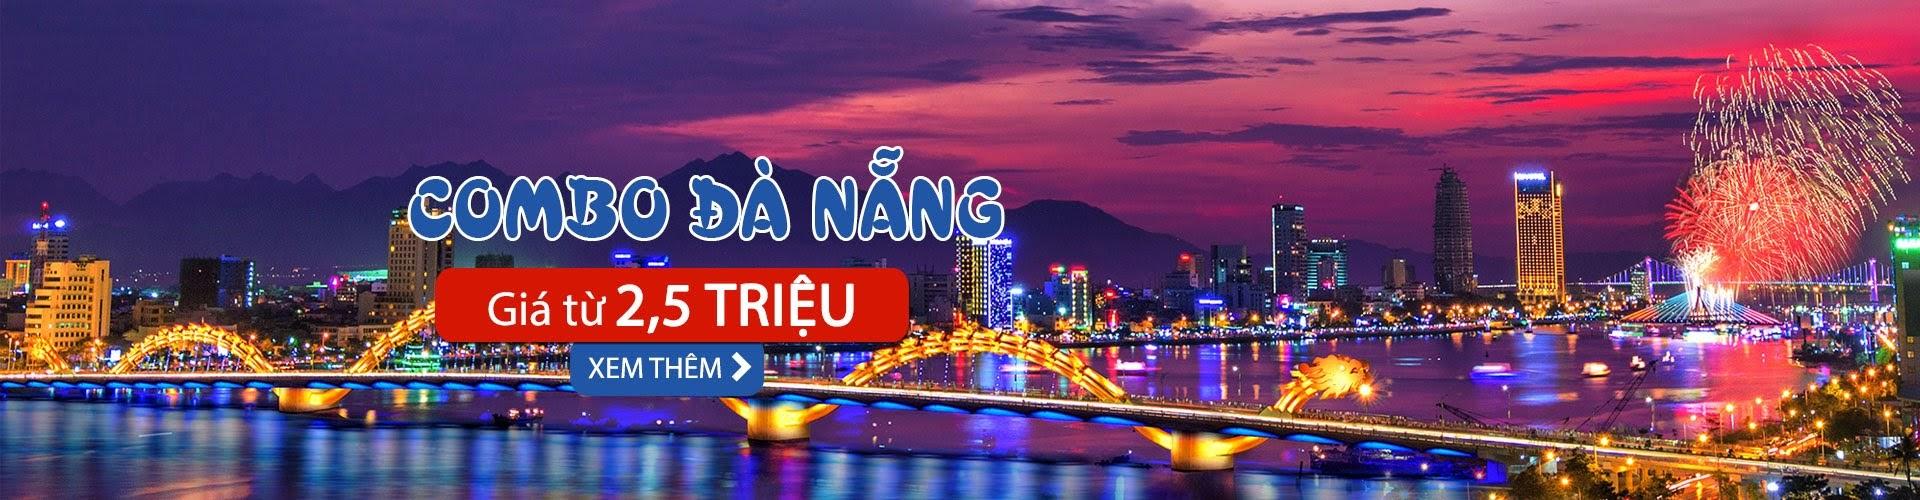 Combo đà nẵng chào hè 2020